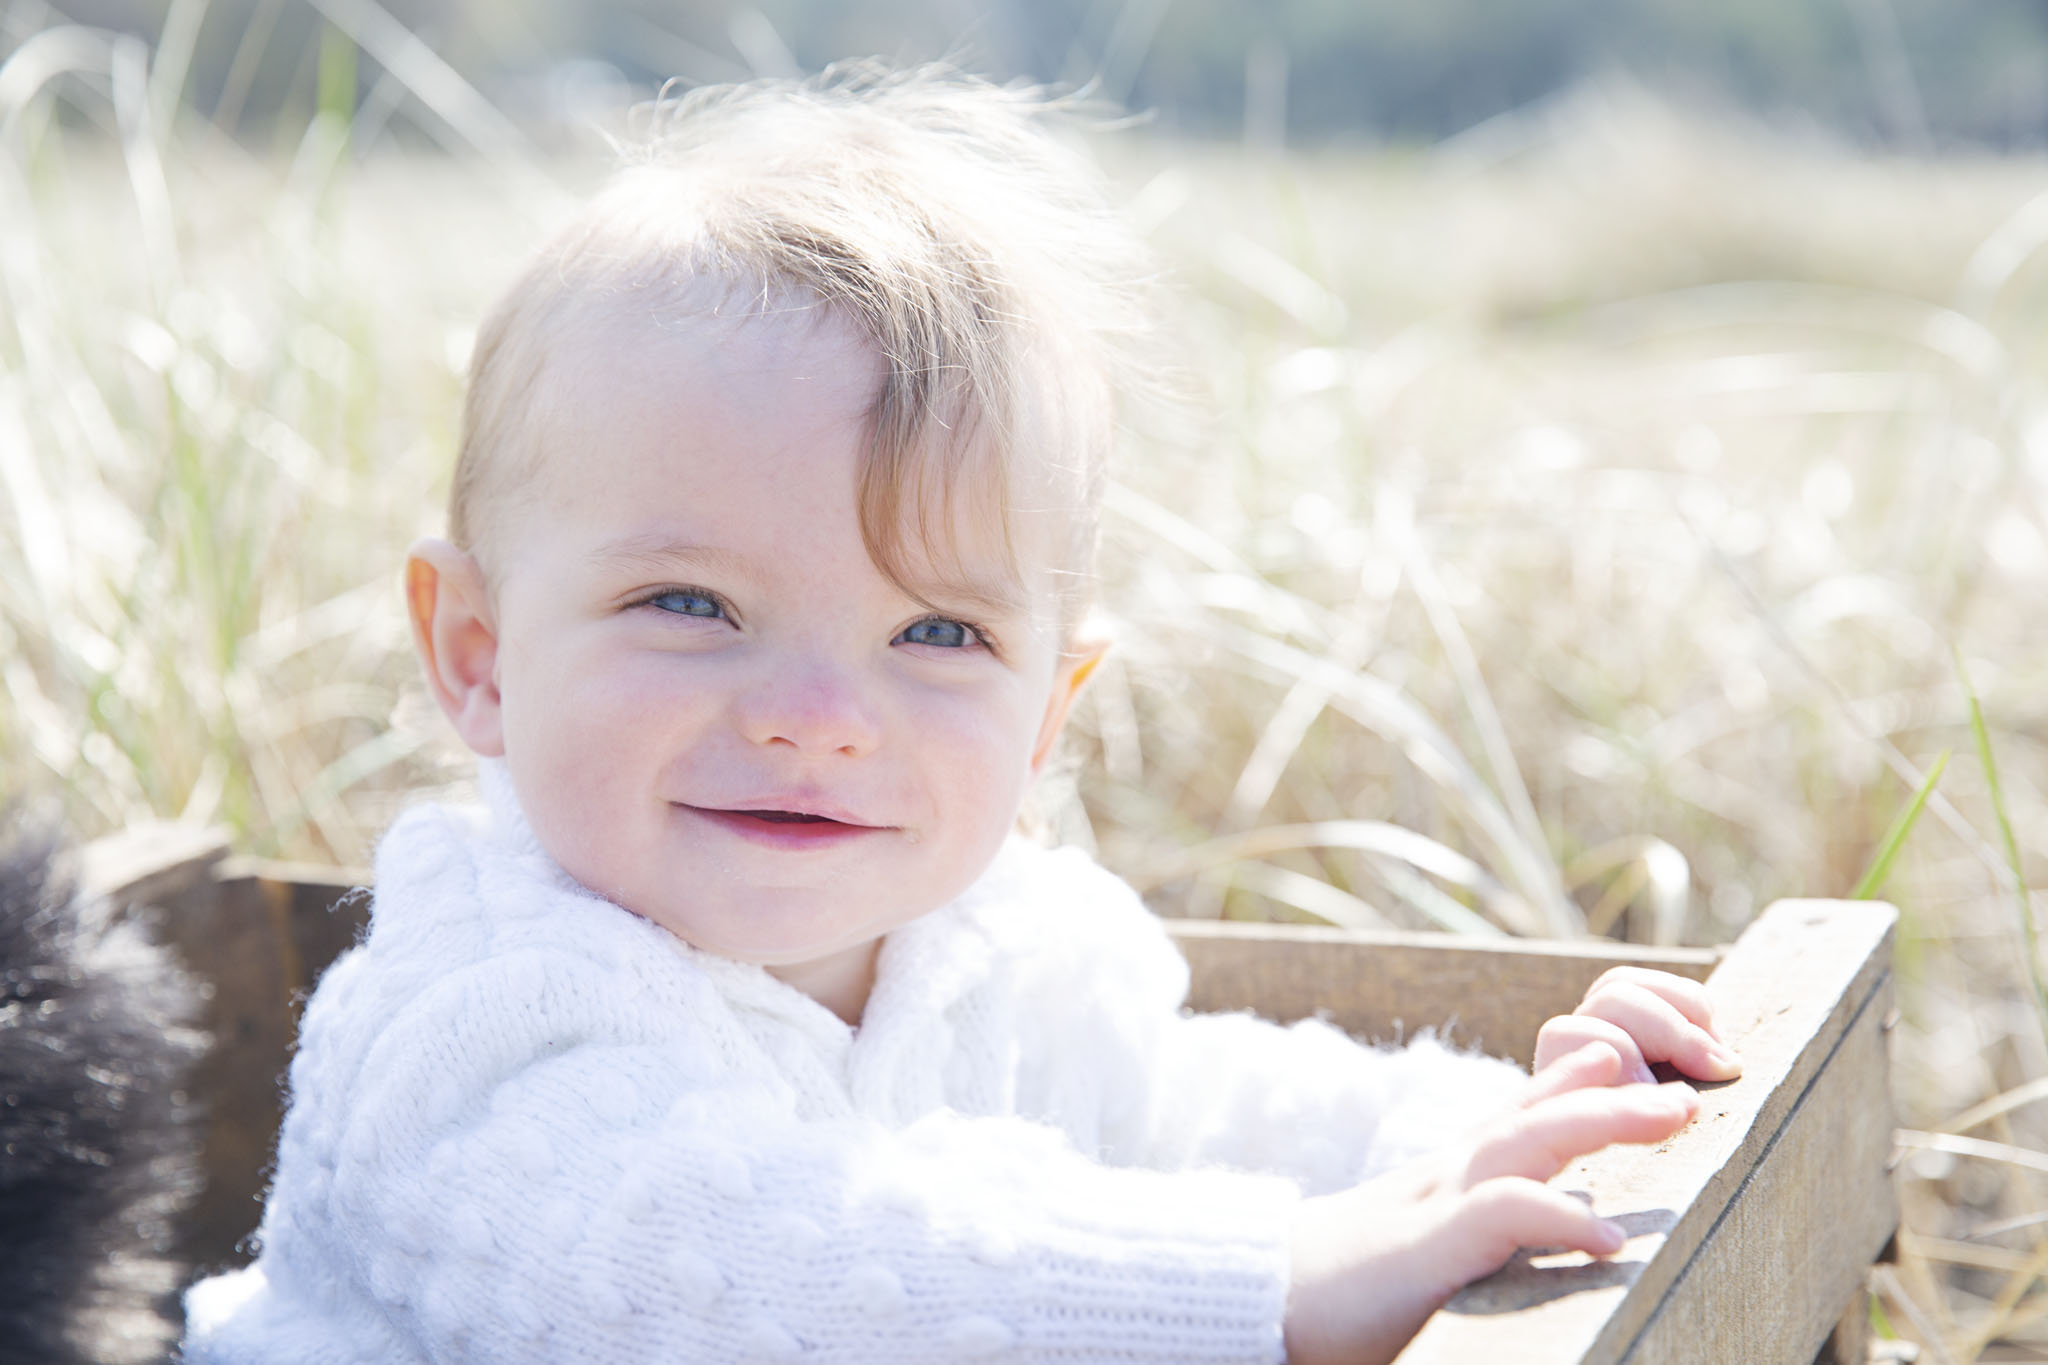 Fotograf Emy fotograferar barn och familjer i Halmstad - Familjefotograf